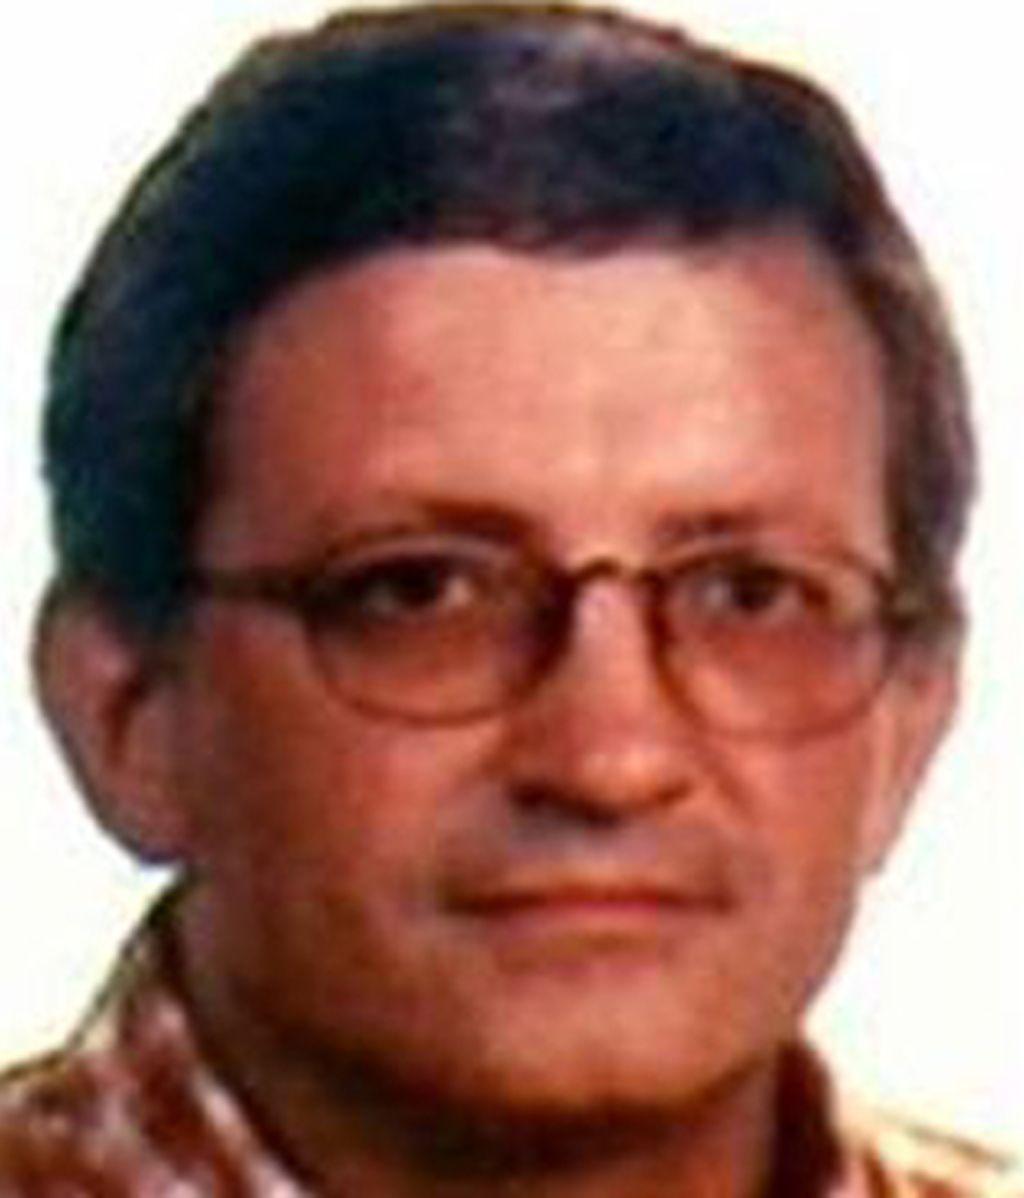 El miembro de la banda terrorista ETA, Juan María Mújika Dorronsoro